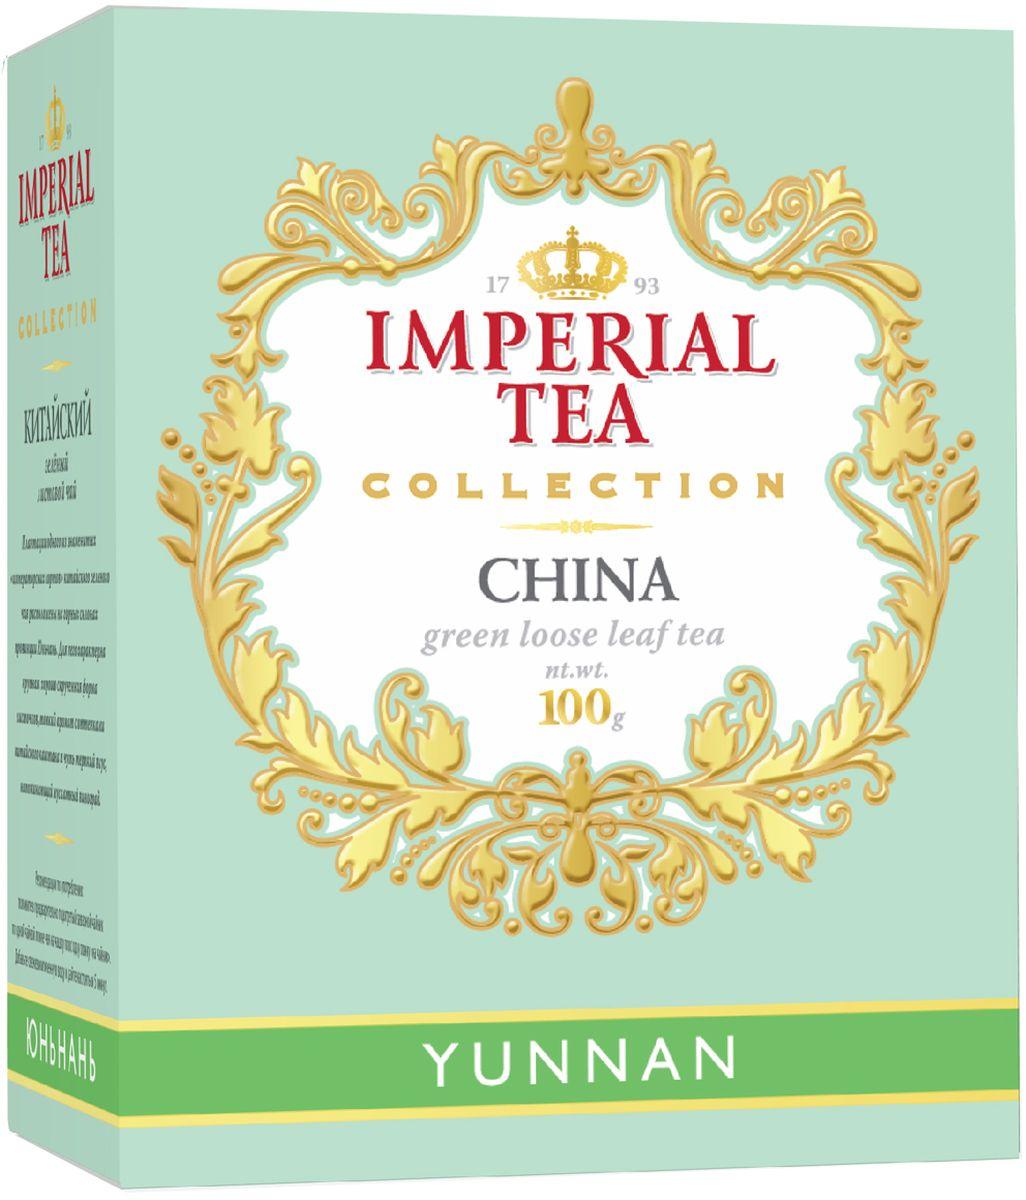 Императорский чай Collection Юньнань, 100 г50-54Плантации одного из знаменитых Императорских сортов китайского зеленого чая расположены на горных склонах провинции Юньнань. Для этого чая характерна крупная, хорошо скрученная форма листочков, тонкий аромат с оттенком китайского каштана и немного терпкий вкус, напоминающий мускатный виноград.